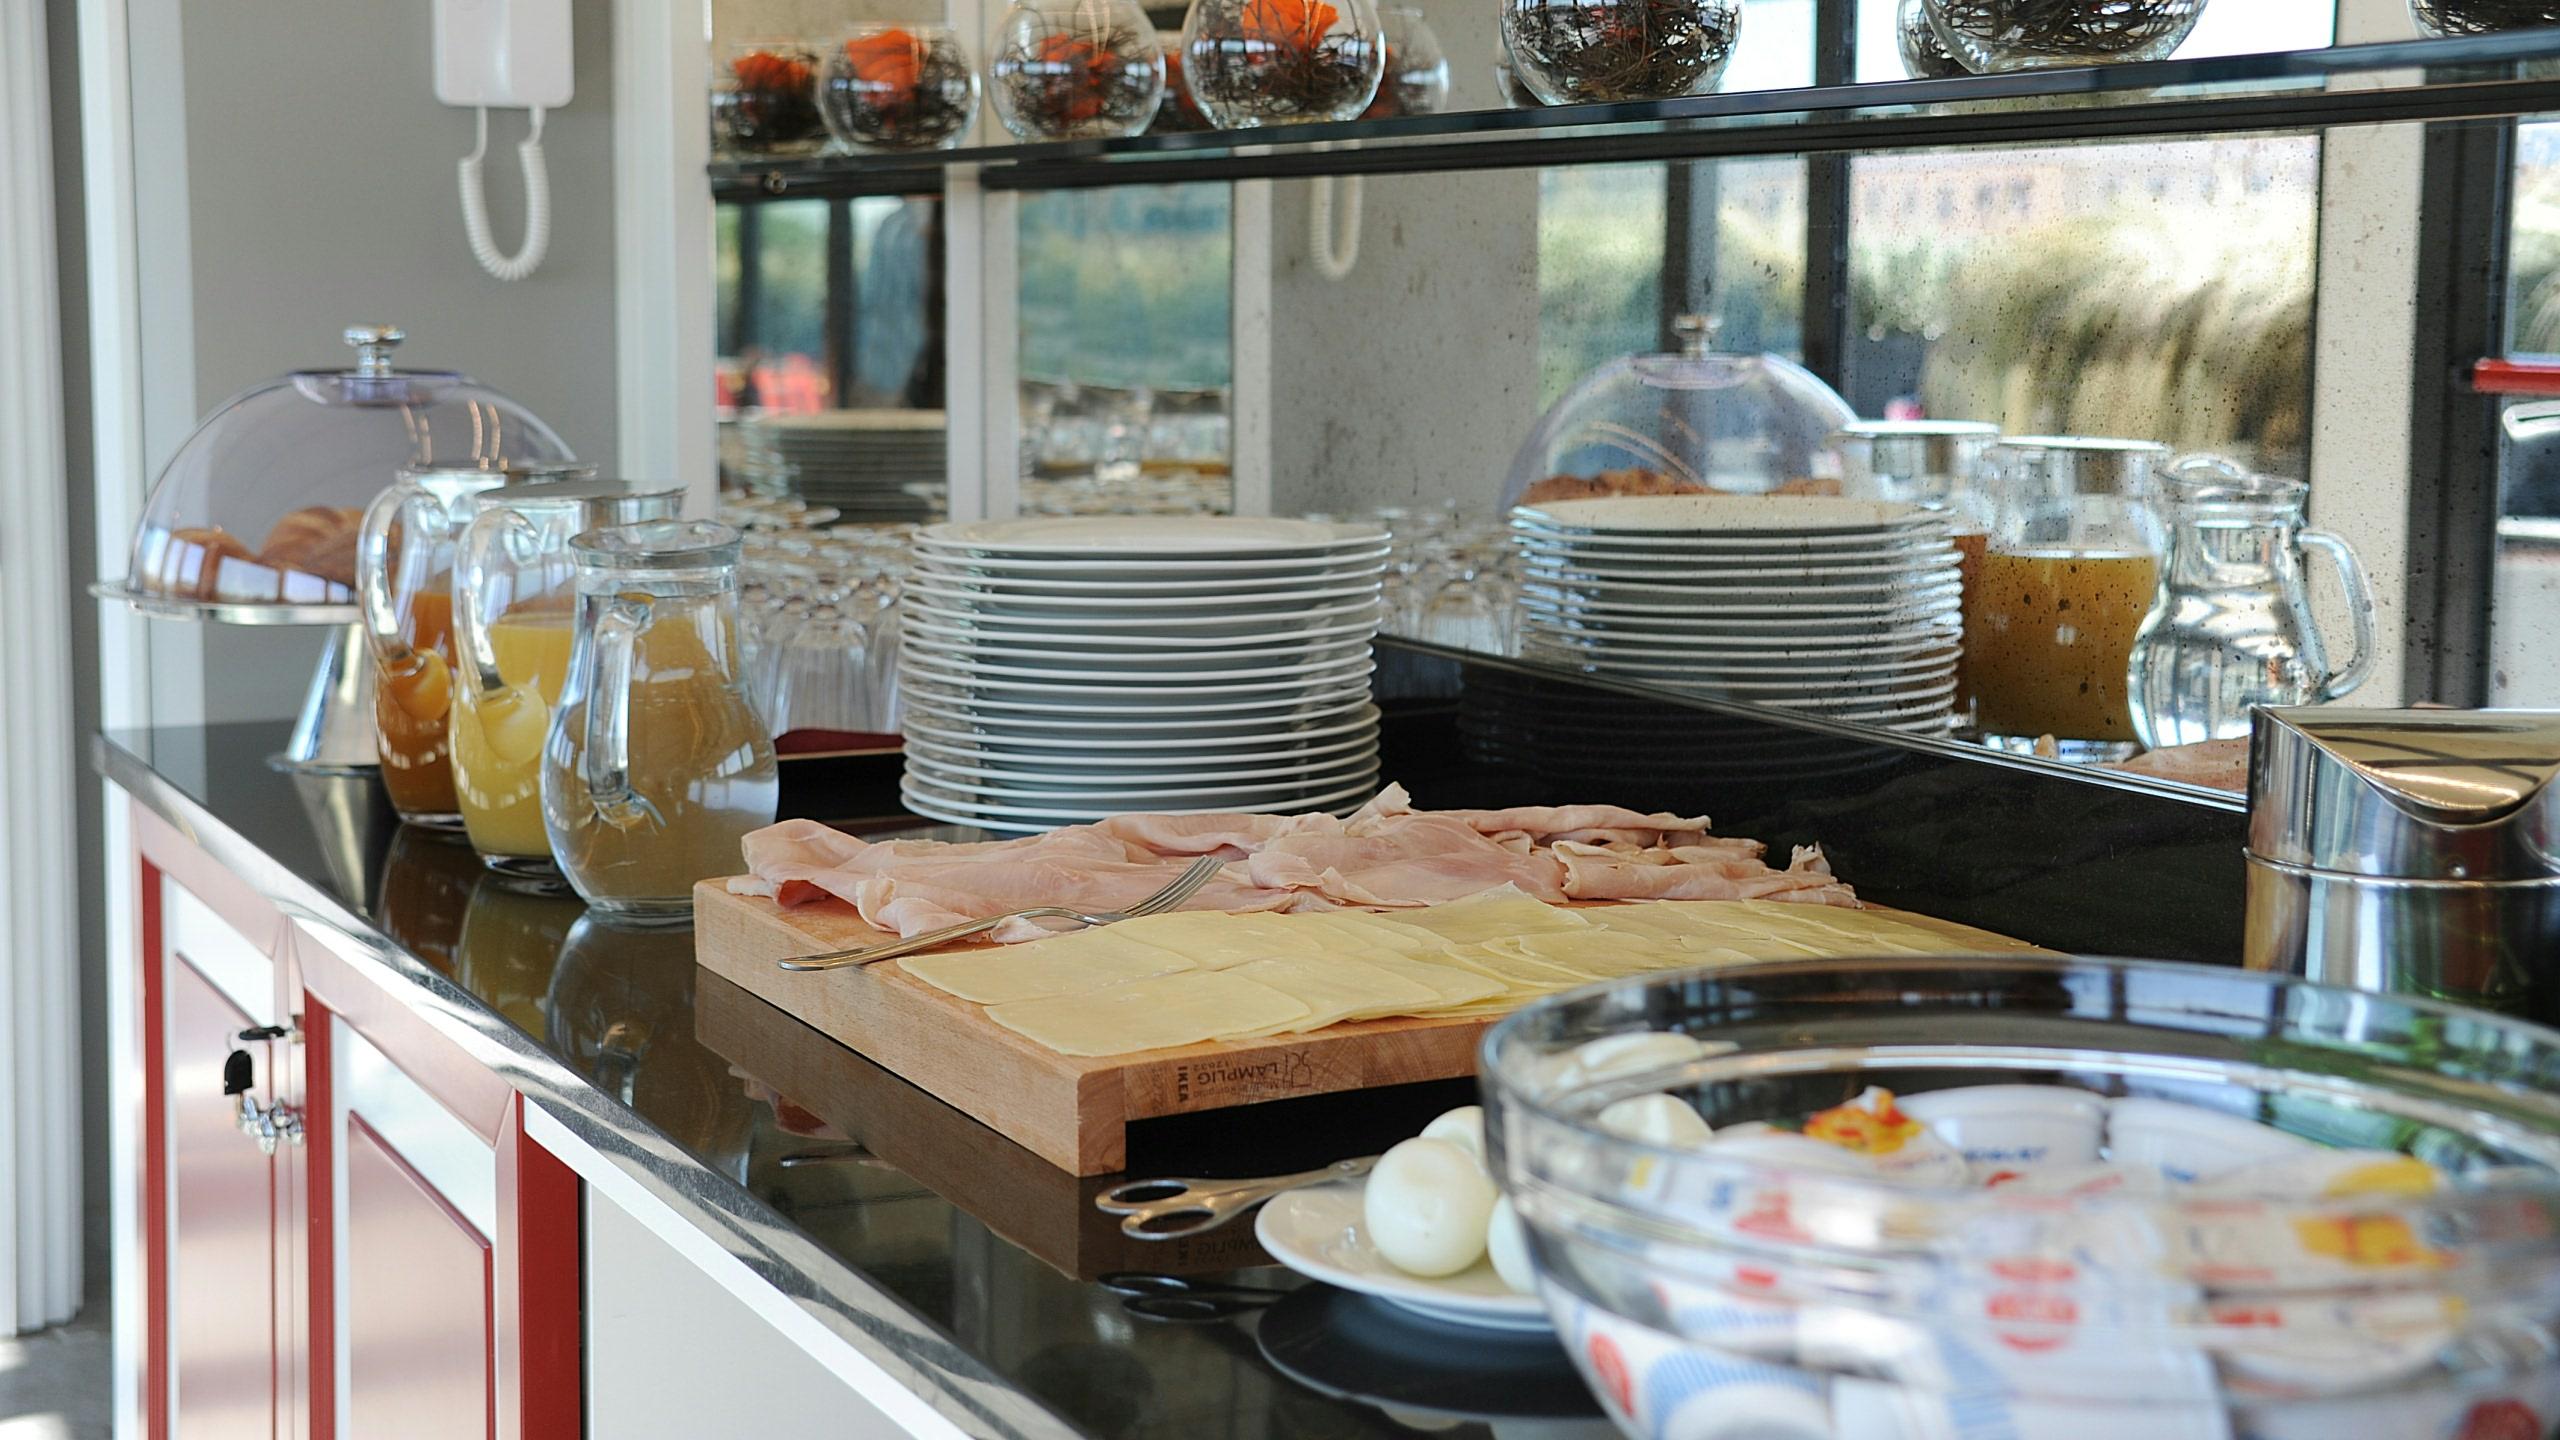 residence-trianon-rome-breakfast-in-terrace-2545